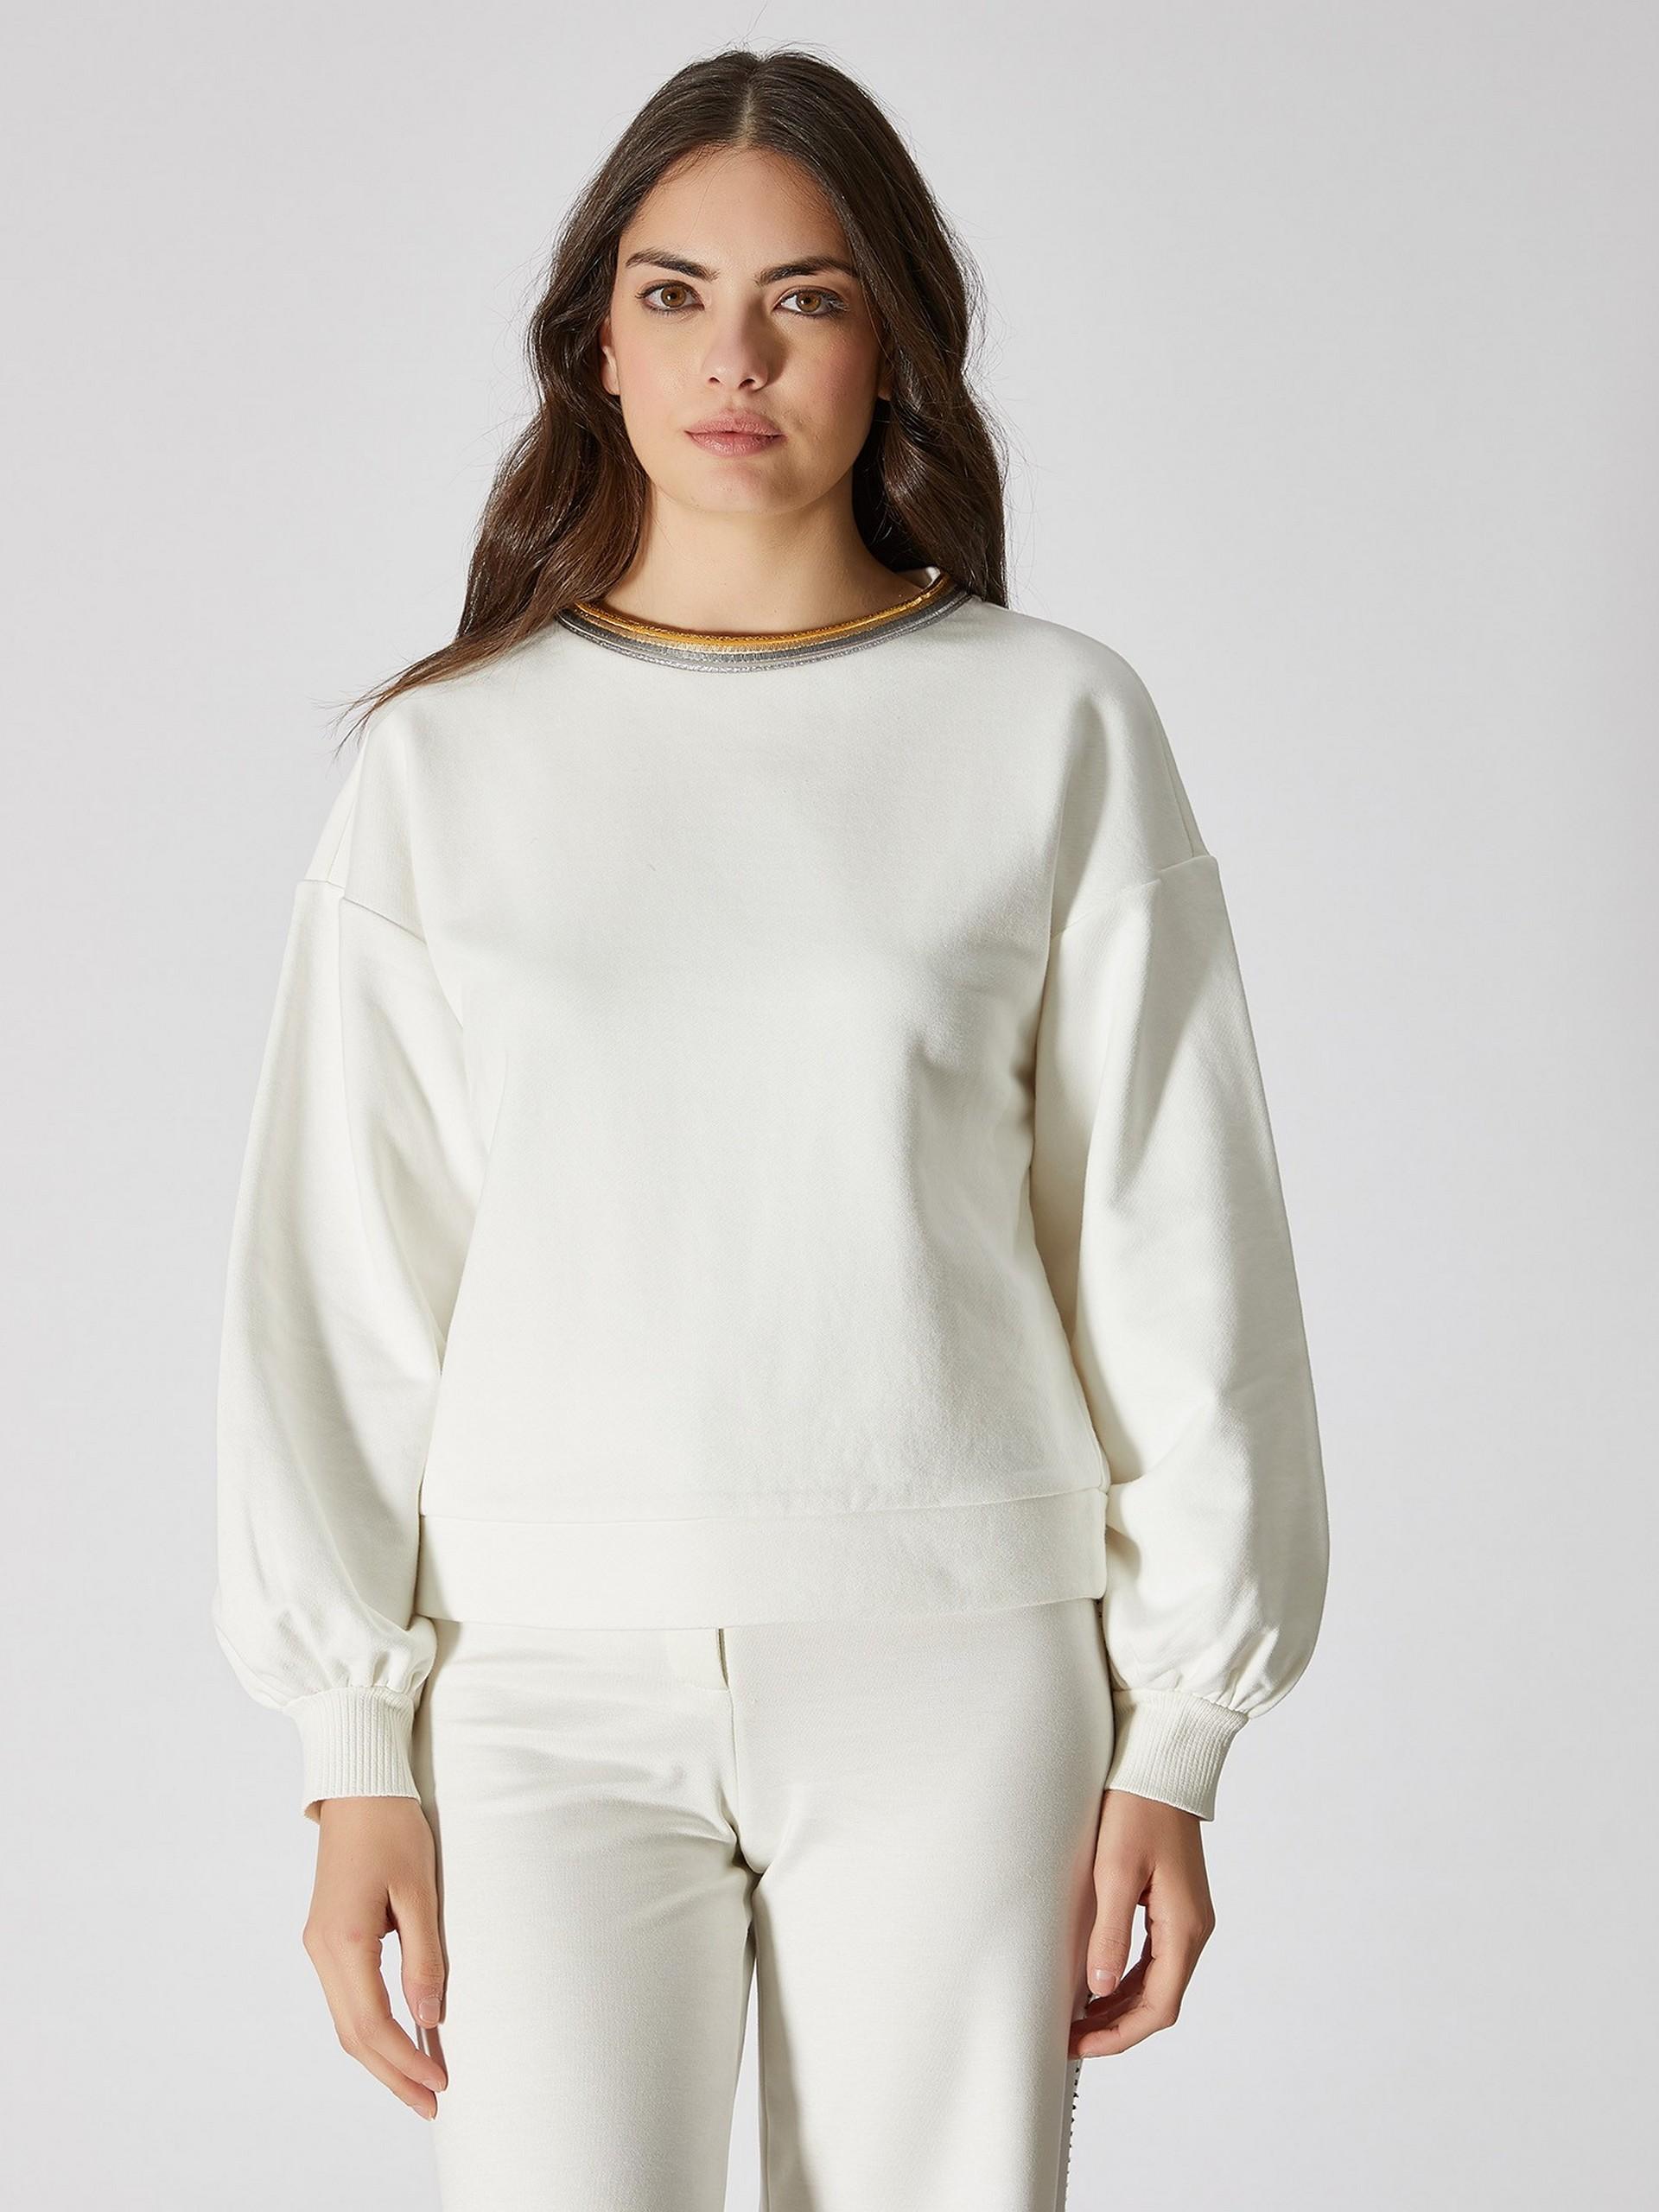 Striped Neck Sweatshirt